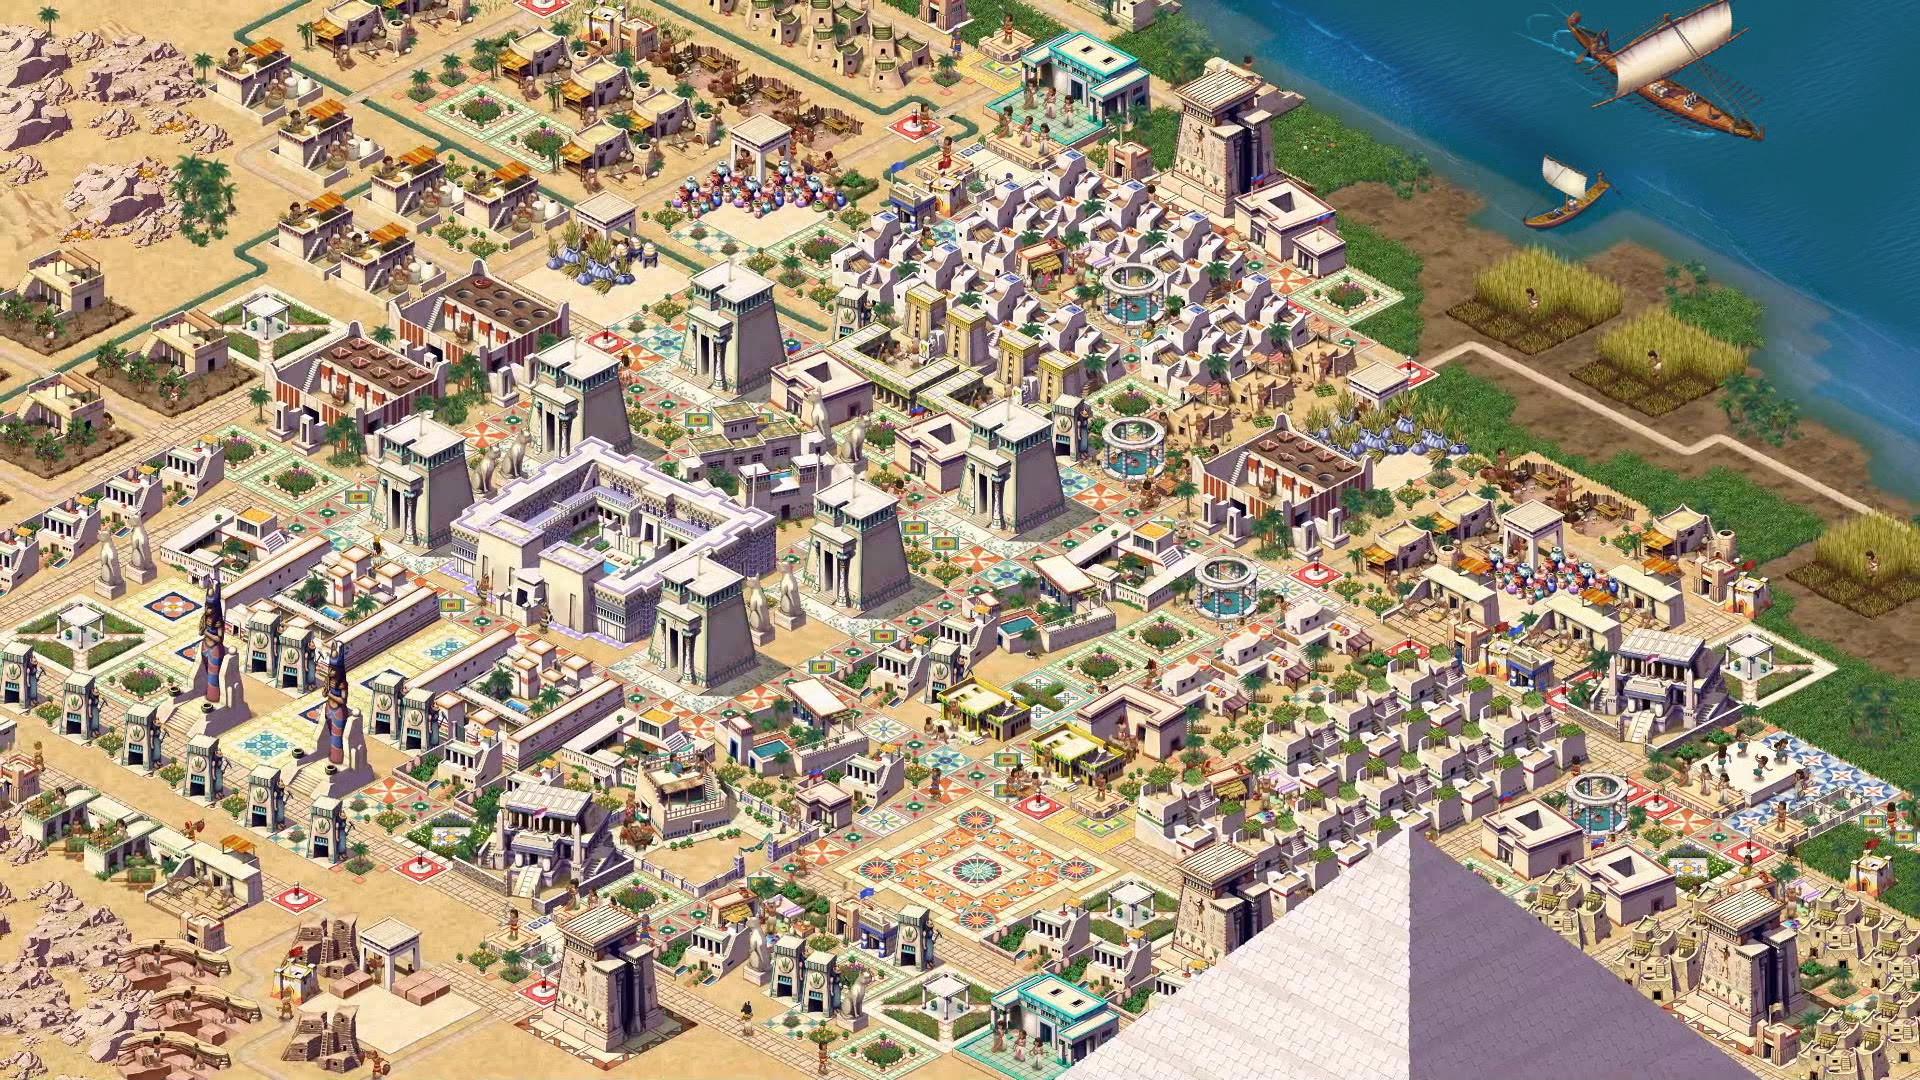 Pharaoh 20 ปีแห่งตำนานเกมสร้างเมืองจะกลับมารุ่งเรืองอีกครั้ง